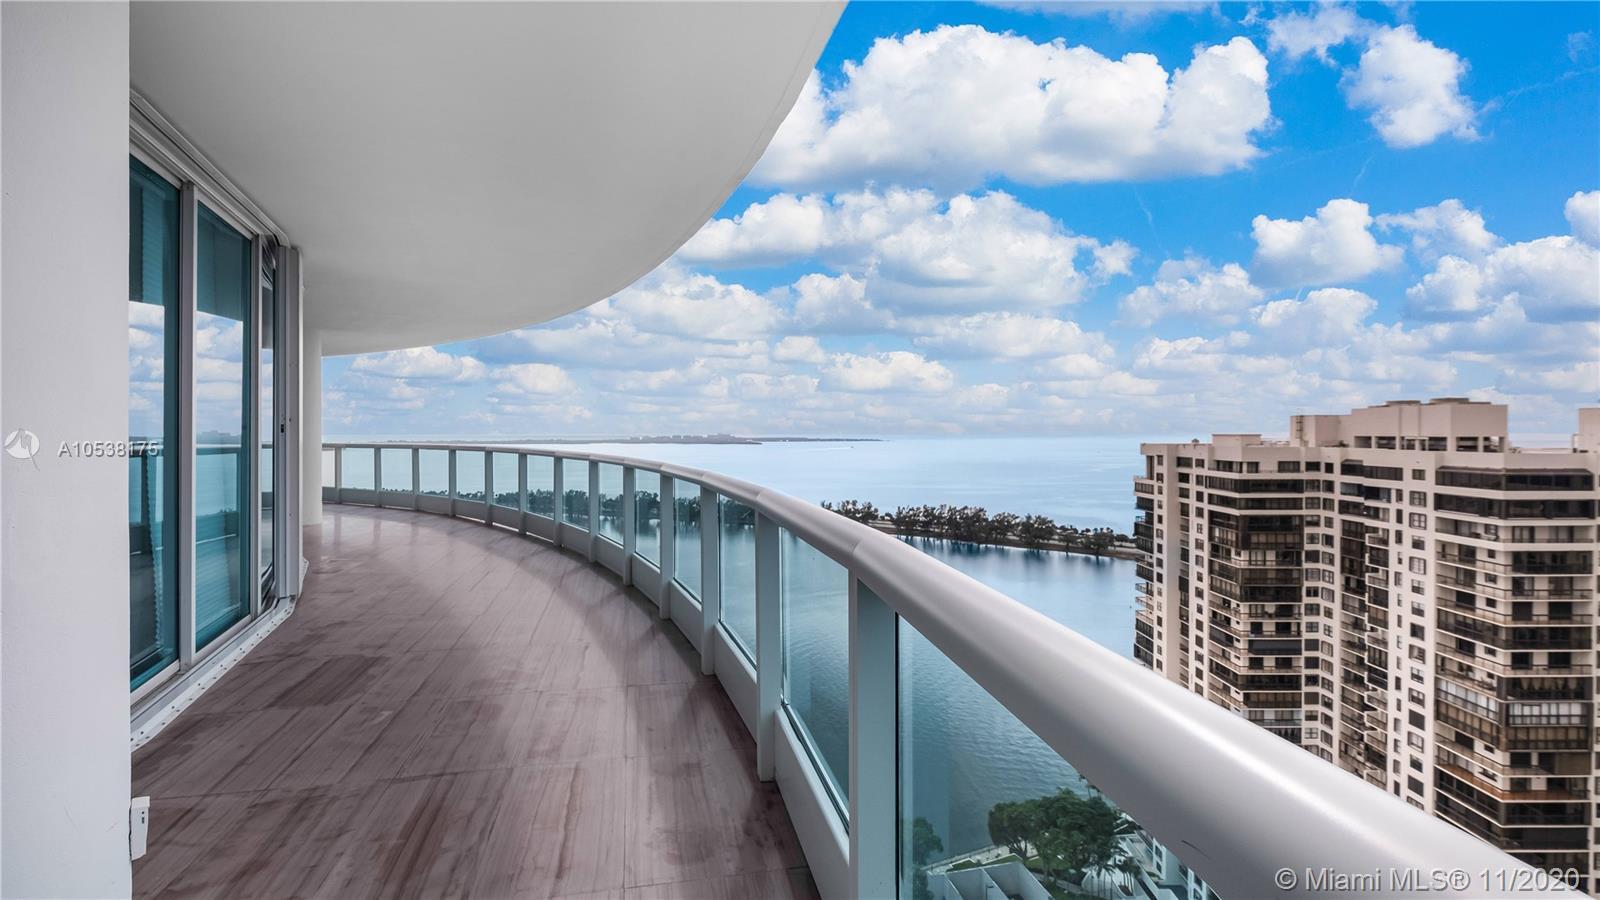 2127 Brickell Avenue, Miami, FL 33129, Bristol Tower Condominium #3302, Brickell, Miami A10538175 image #13